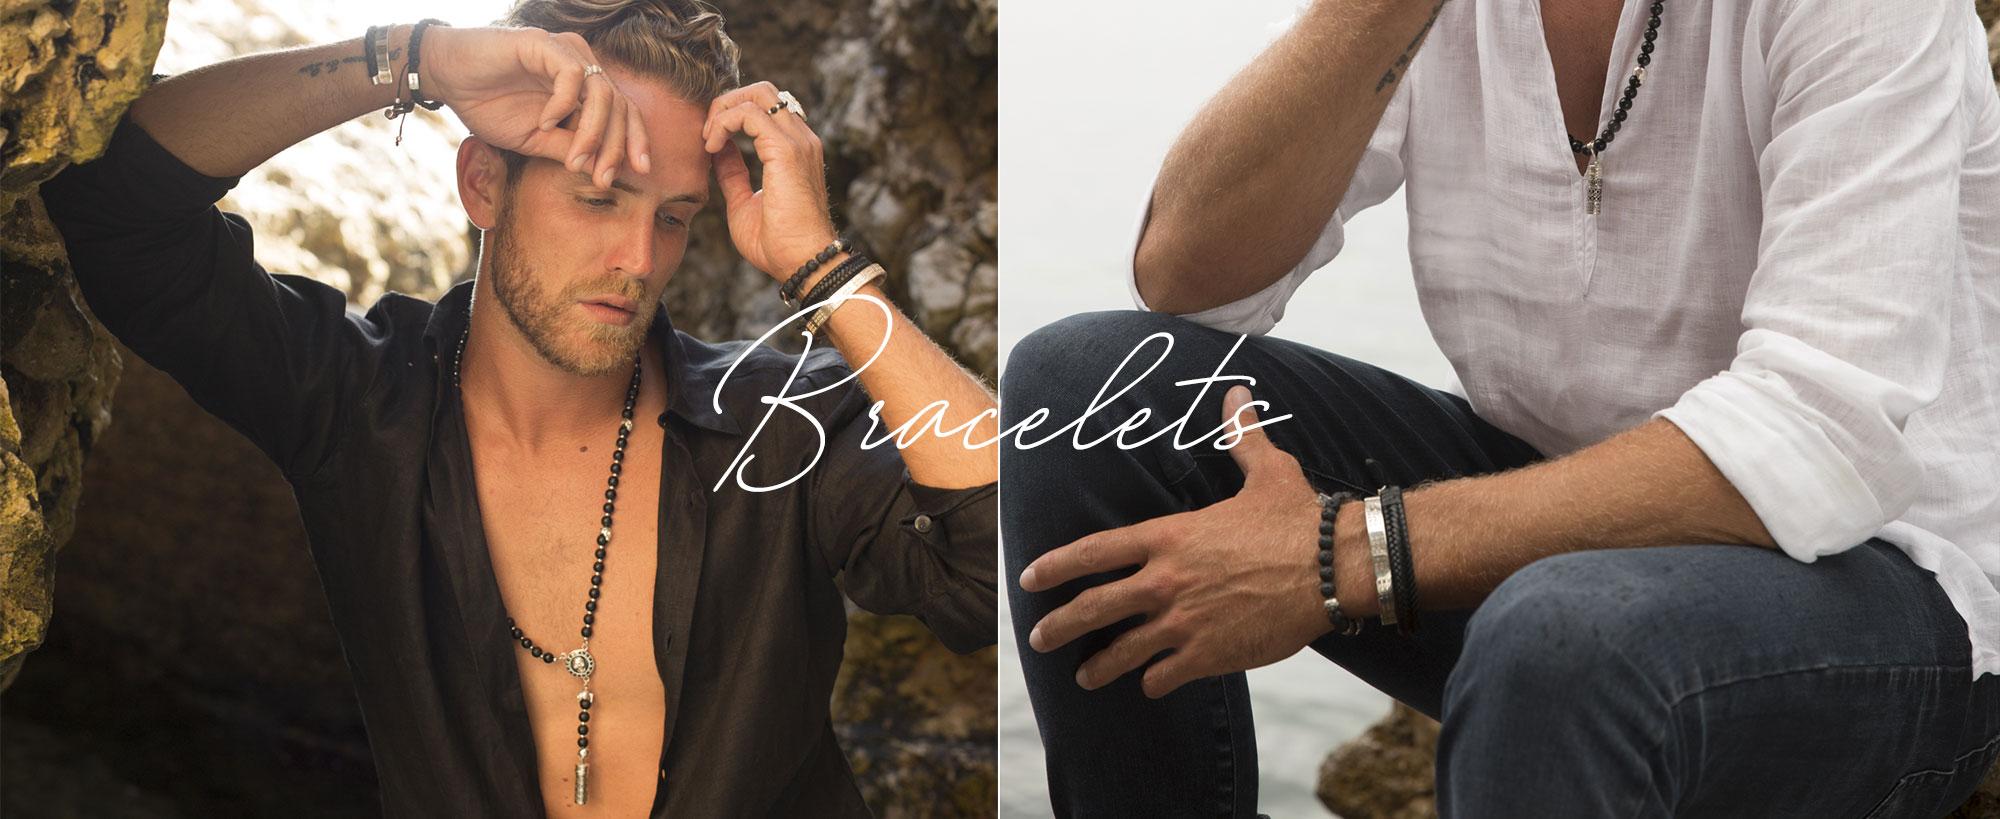 braceltes-homme-slid